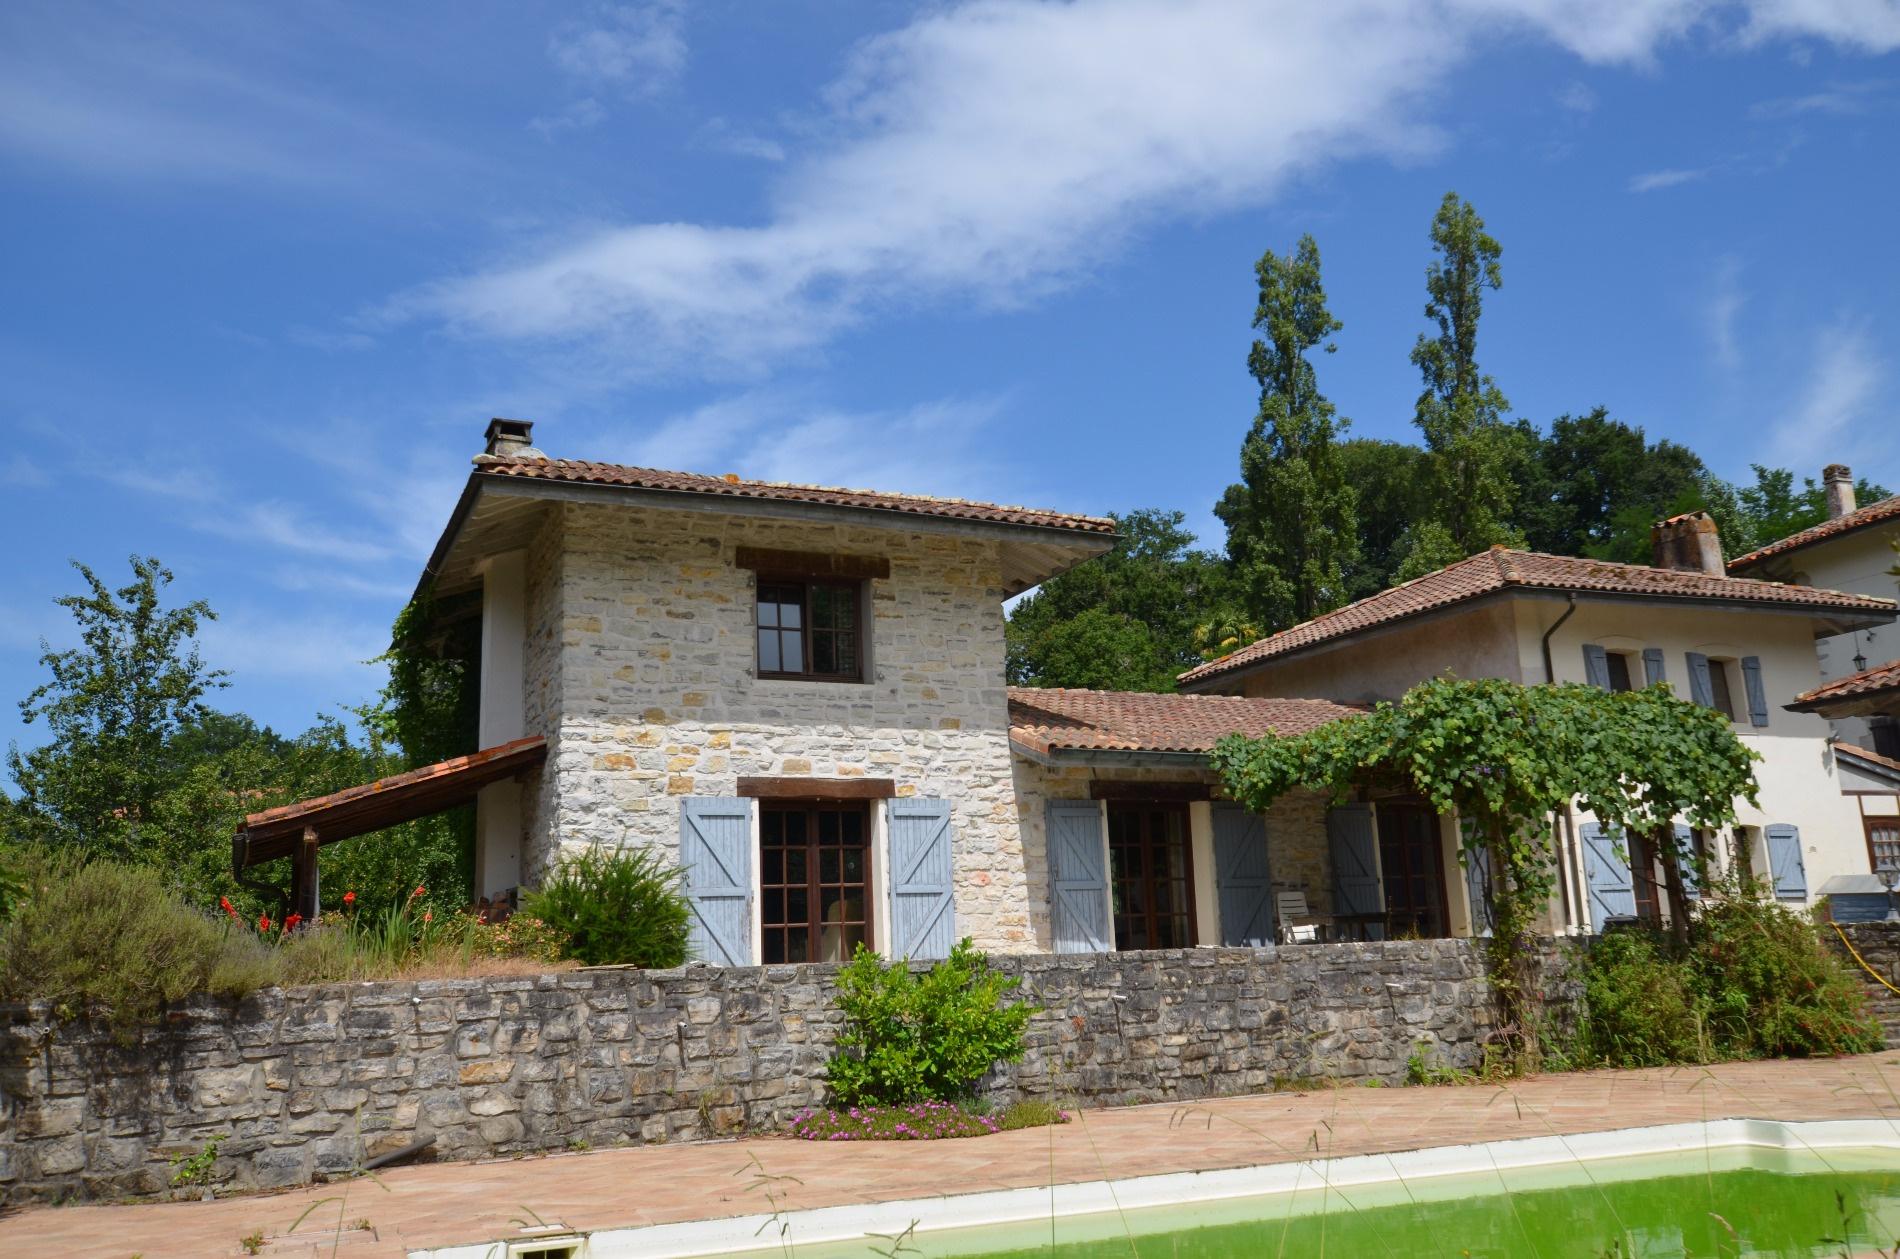 Littoral basque immobilier urrugne et environs - Maison close pays basque ...